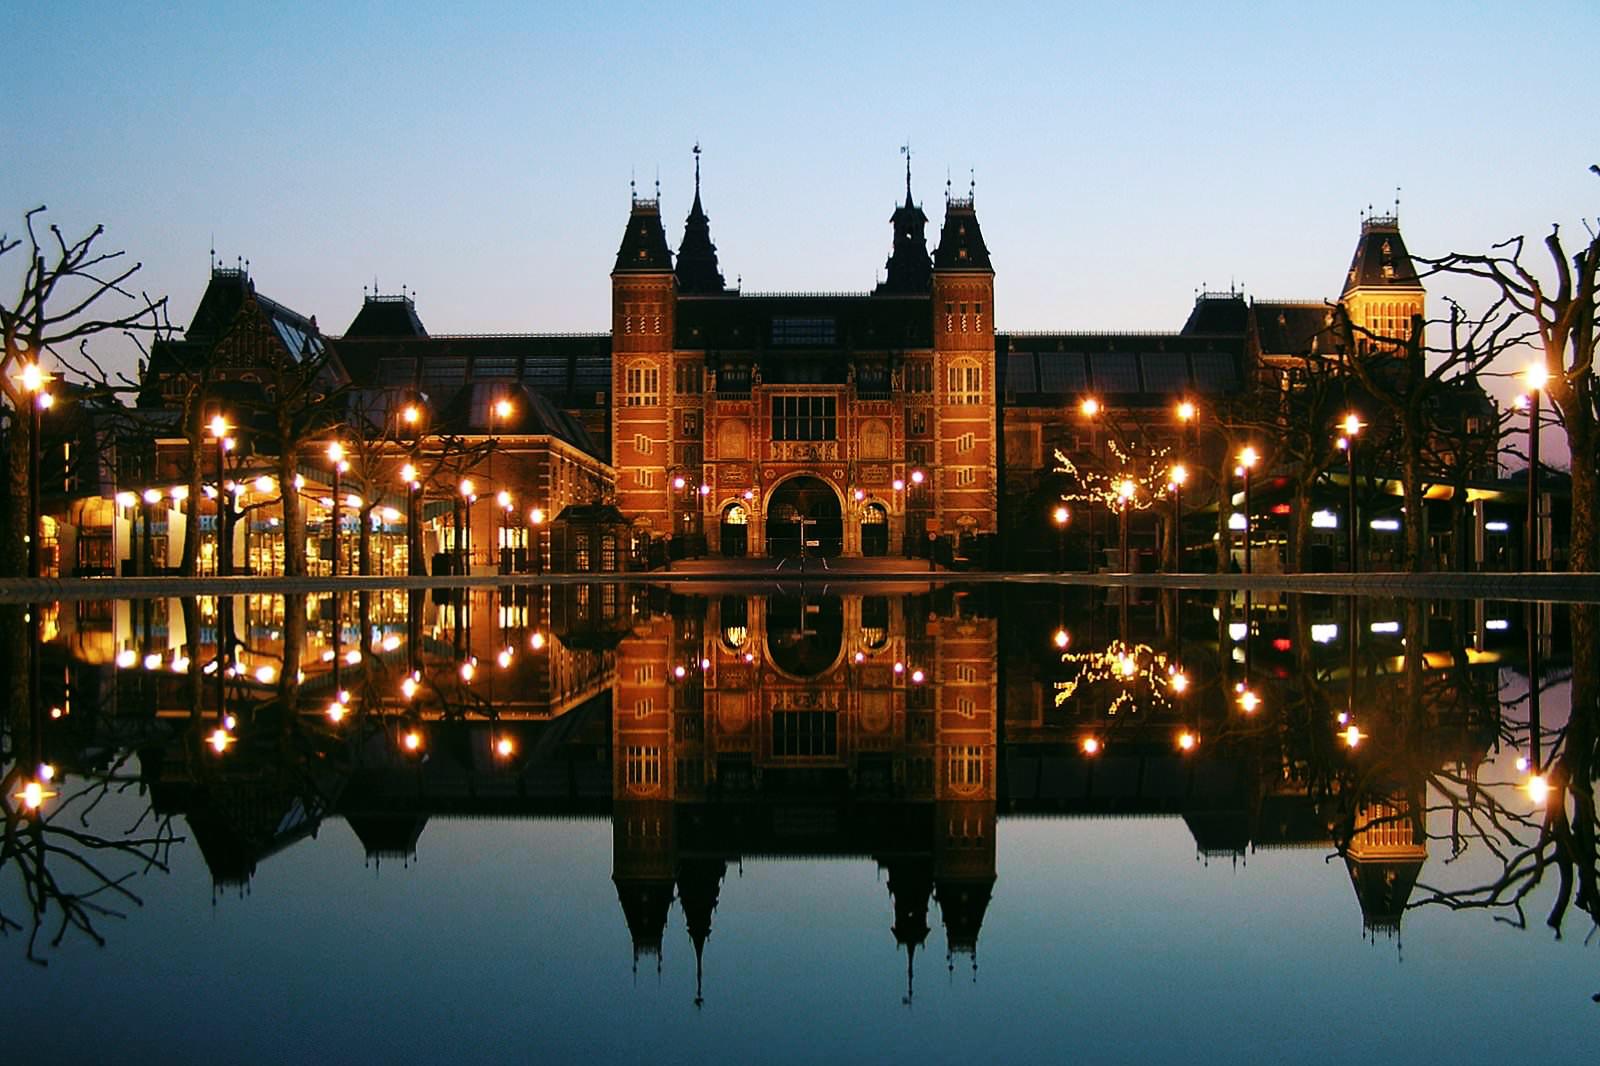 Holanda hoteis e roteiros de viagem